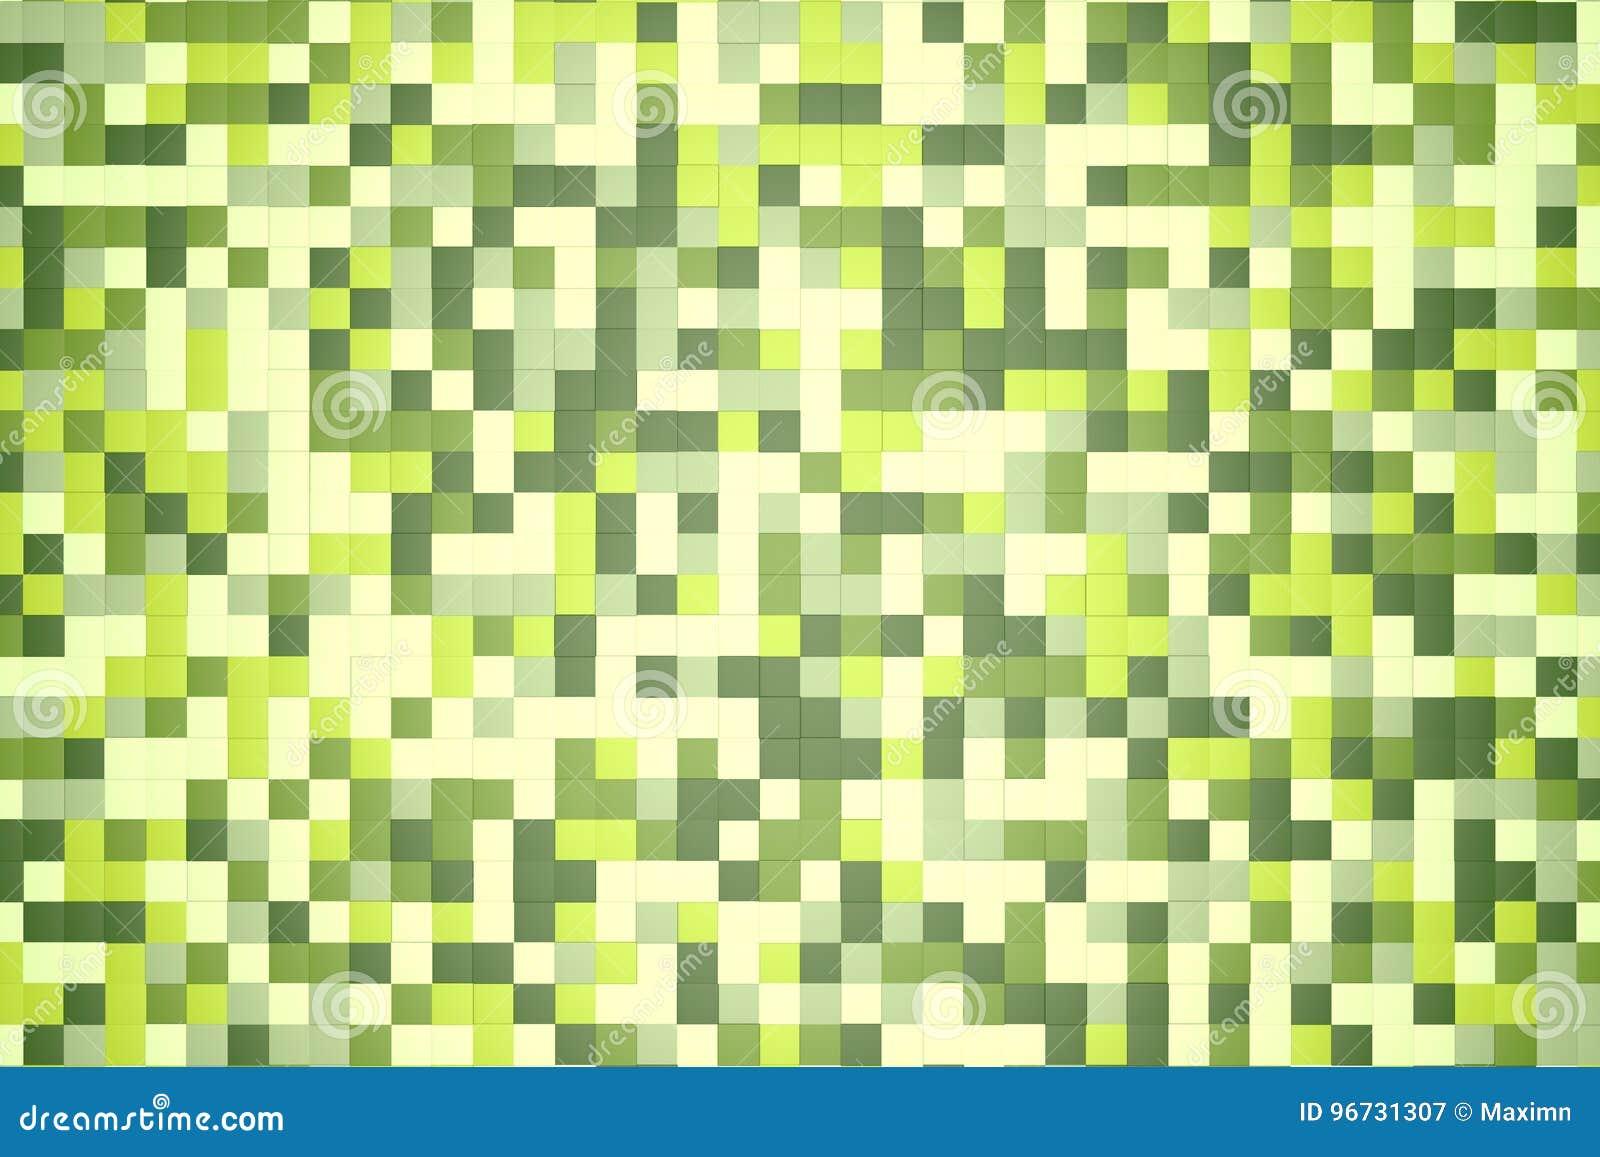 Couleur Vert Emeraude Foncé illustration 3d : fond abstrait de mosaïque, couleur colorée